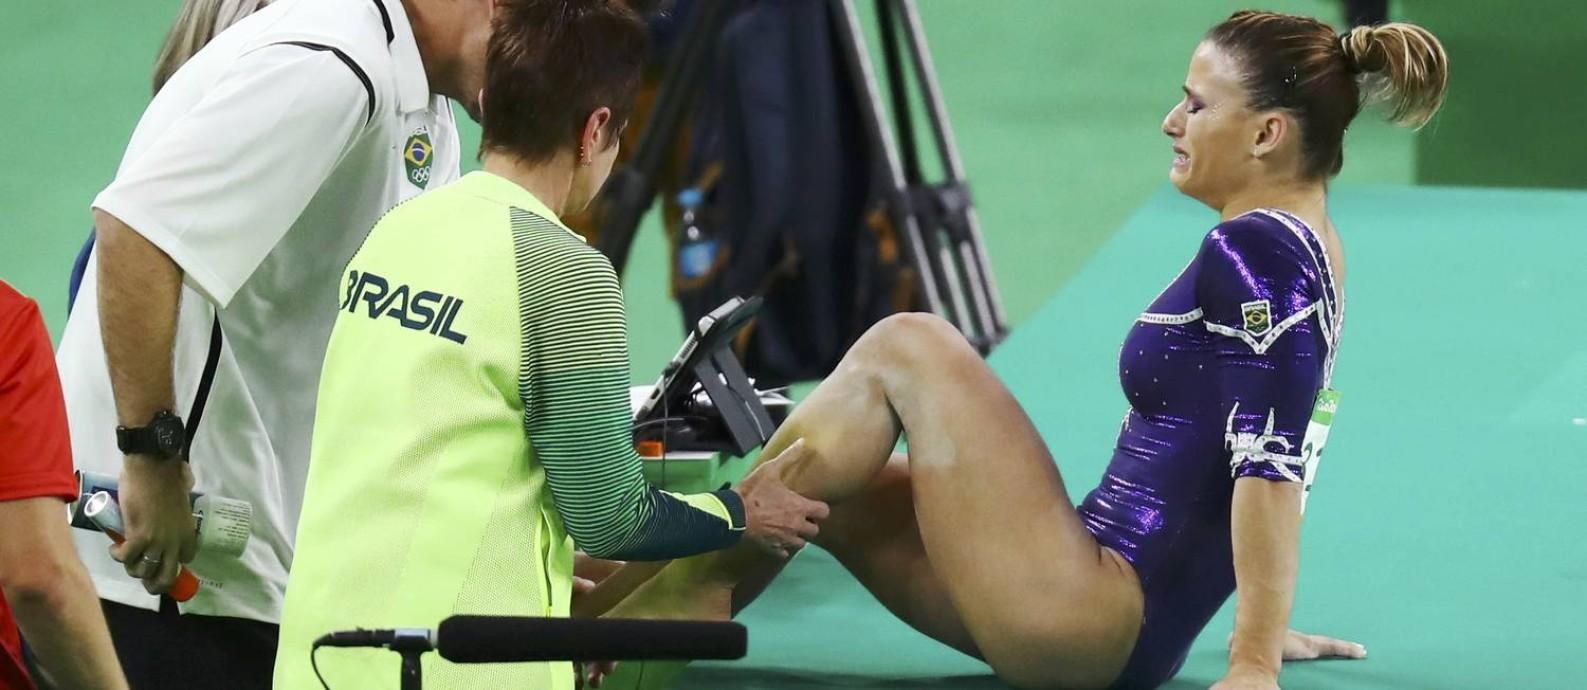 Jade Barbosa chora, com dor no tornozelo: ela aterrissou mal no exercício de solo durante provas individuais da ginástica e ficou de fora da Olimpíada Foto: KAI PFAFFENBACH / REUTERS